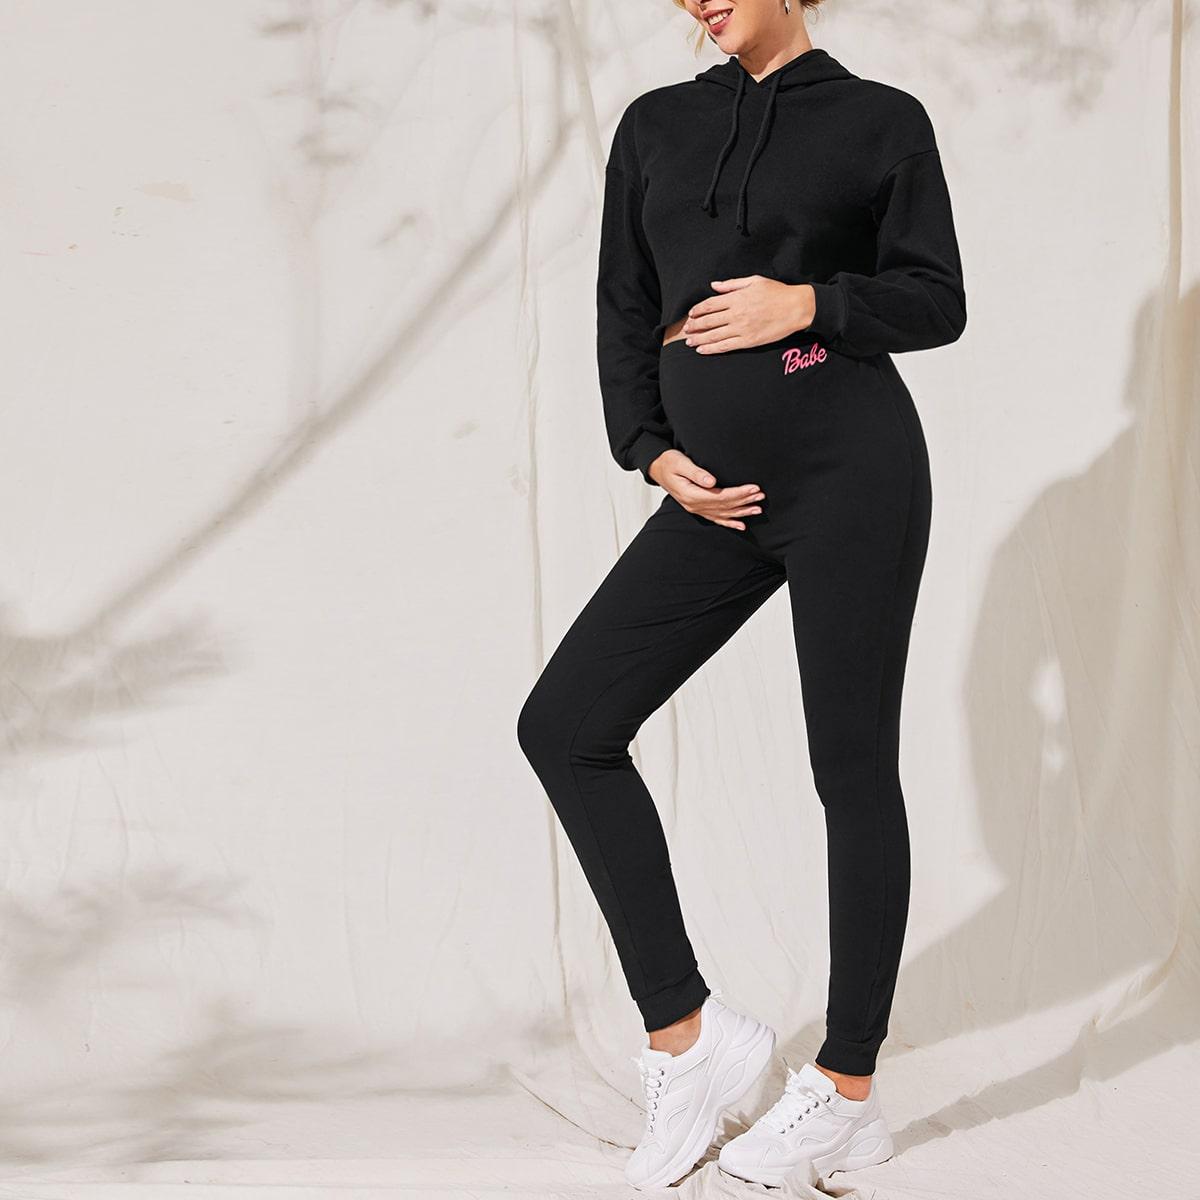 Толстовка и спортивные брюки с текстовым принтом для беременных